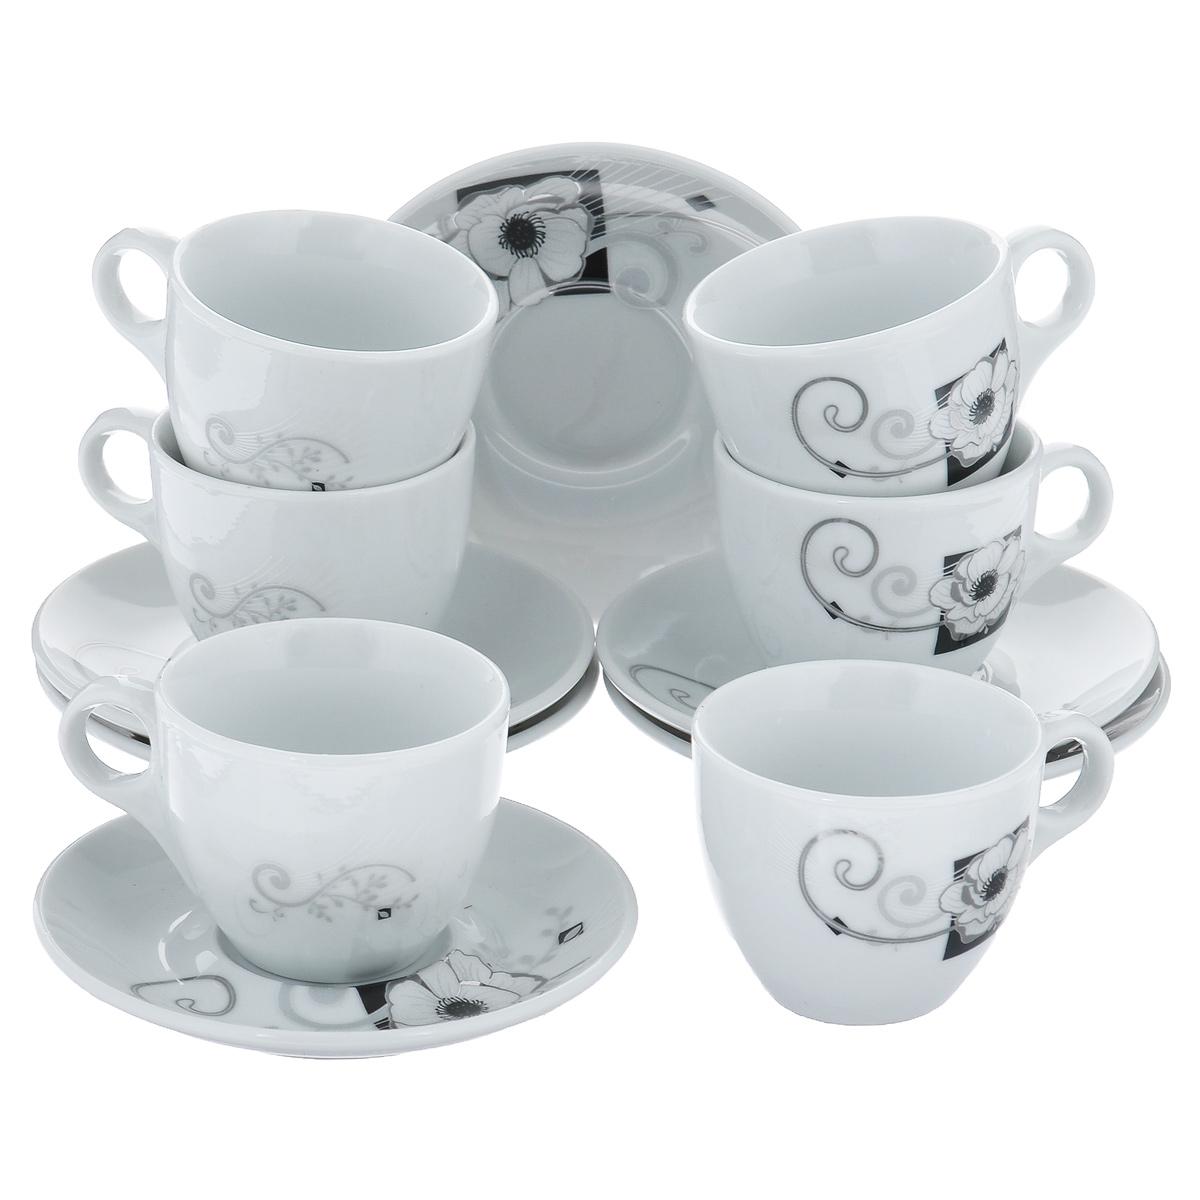 Набор кофейный Bekker, 12 предметов. BK-6815 кухонный набор bekker bk 3239 7 предметов